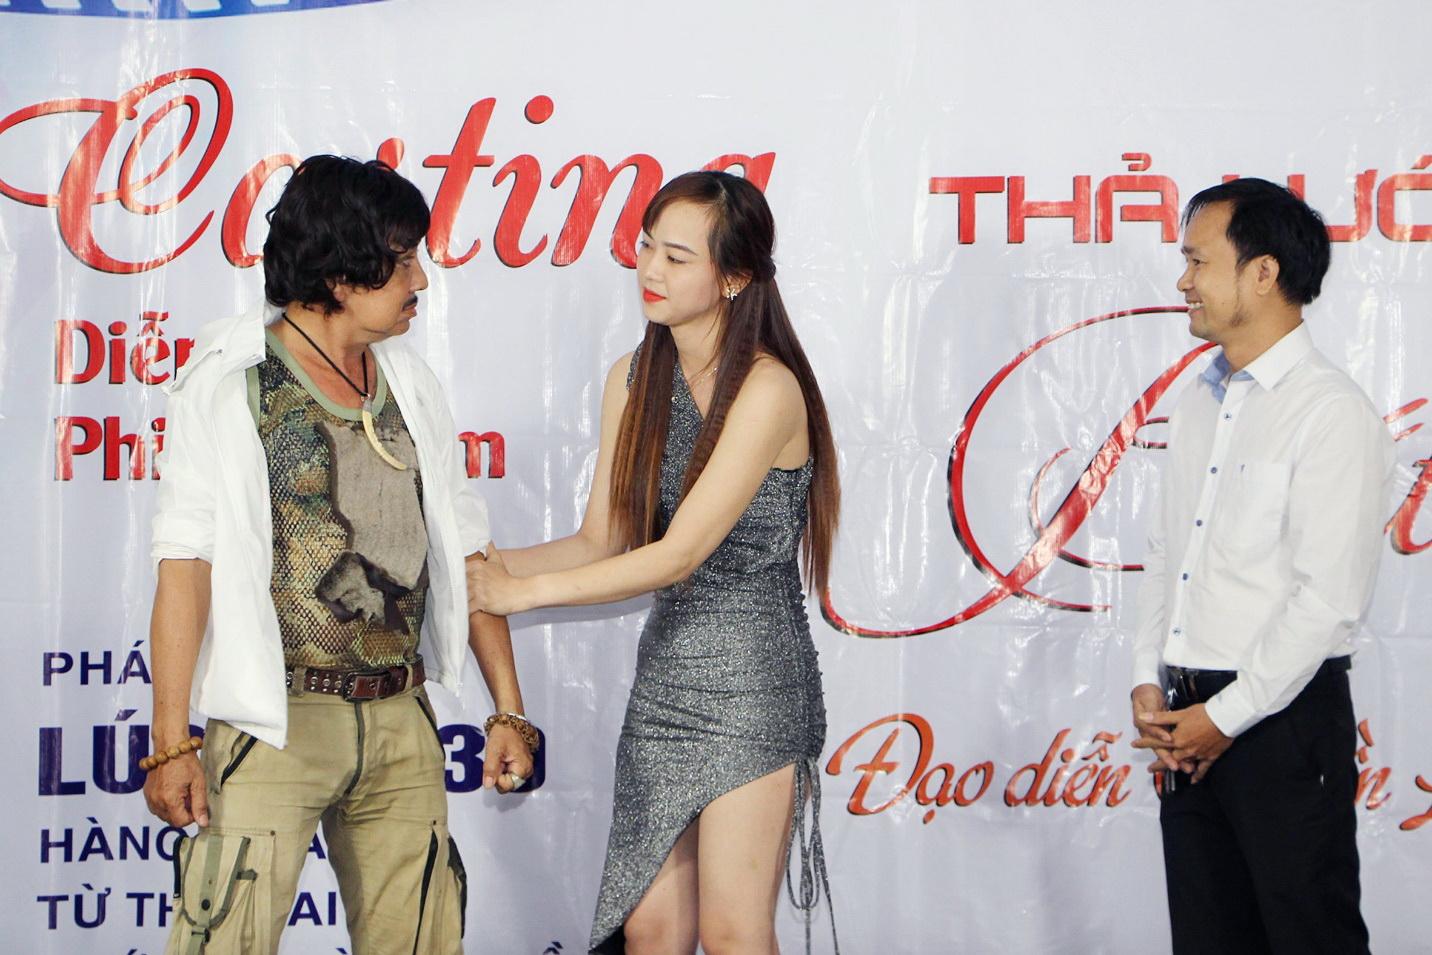 Phim Tha luoi bat em 3